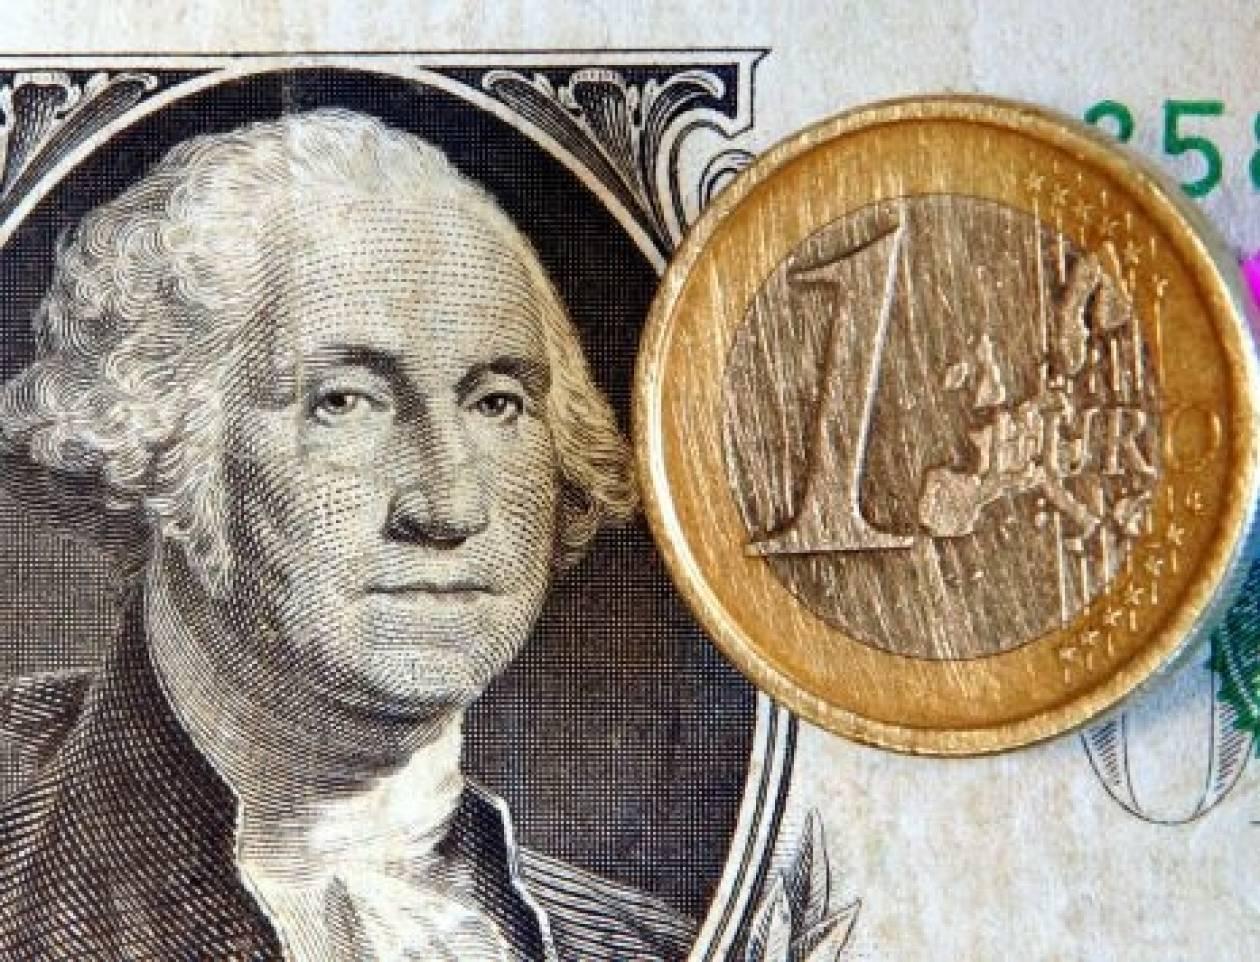 Το ευρώ σημειώνει μικρή πτώση 0,16% και διαμορφώνεται στα 1,3073 δολ